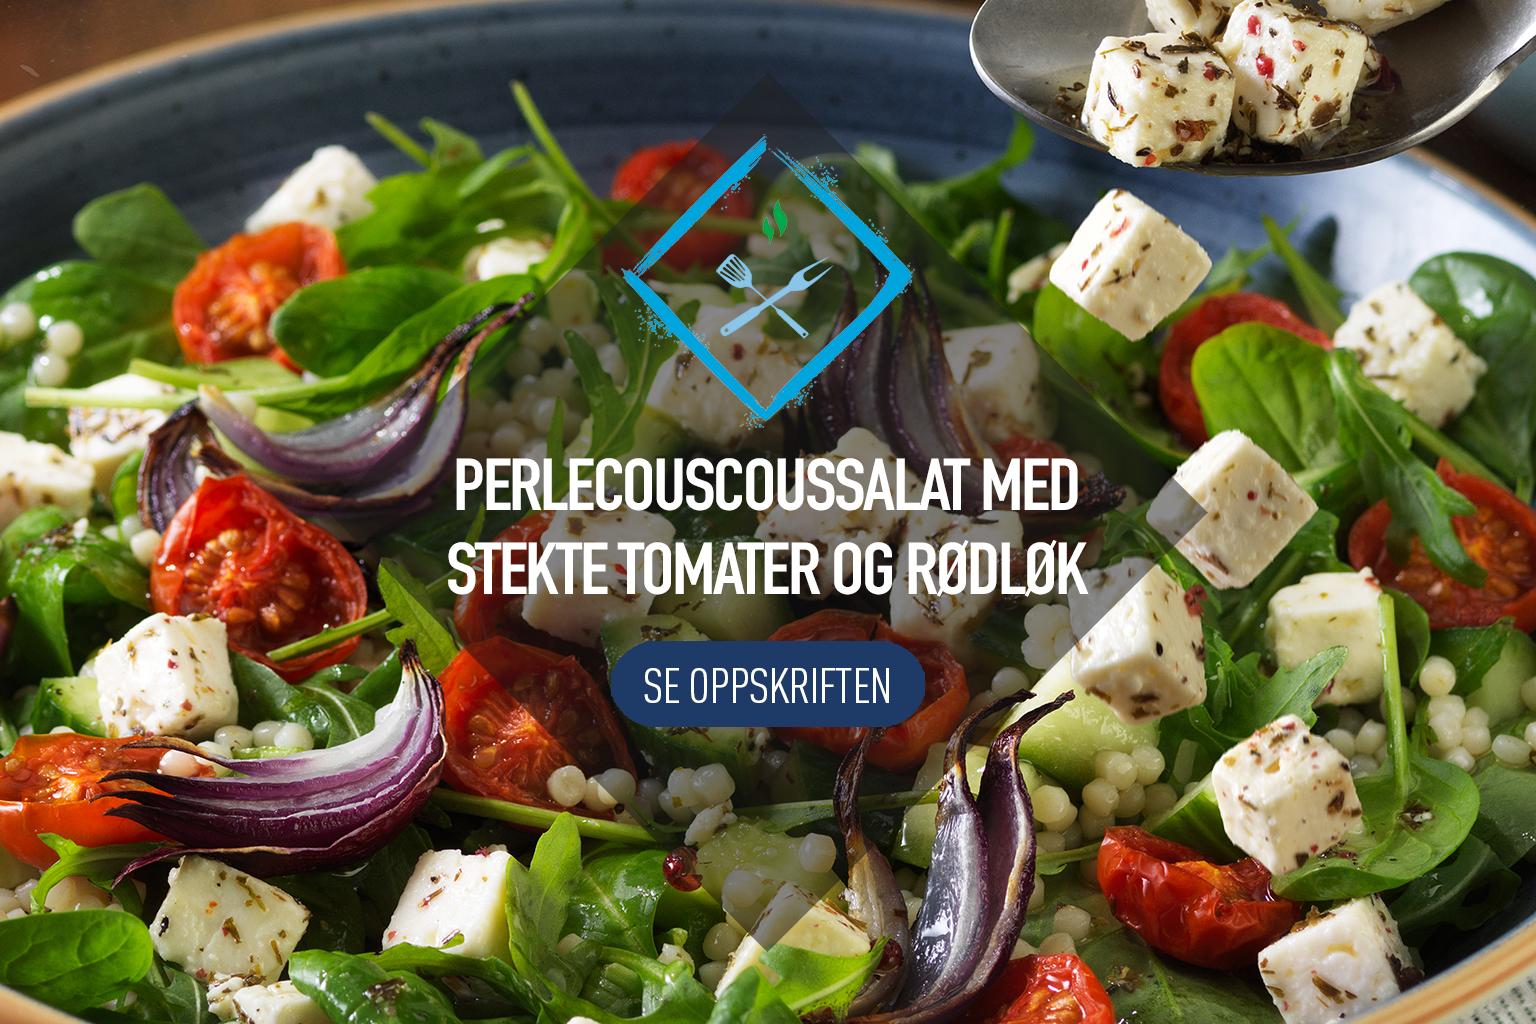 Perlecouscoussalat med stekte tomater, rødløg og Apetina